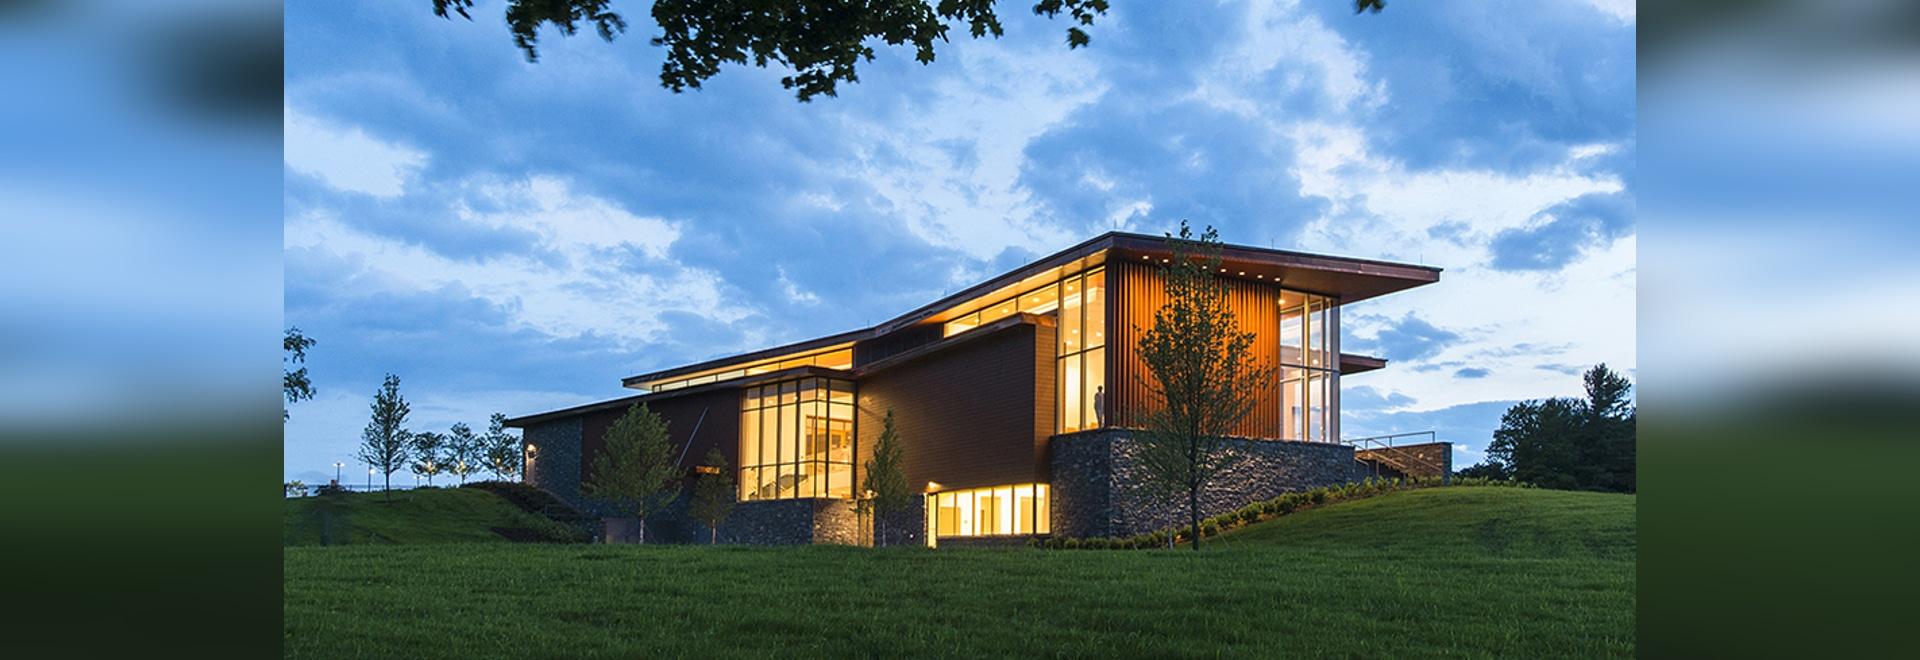 Centro de Pizzagalli para el arte y la educación, museo de Shelburne ...